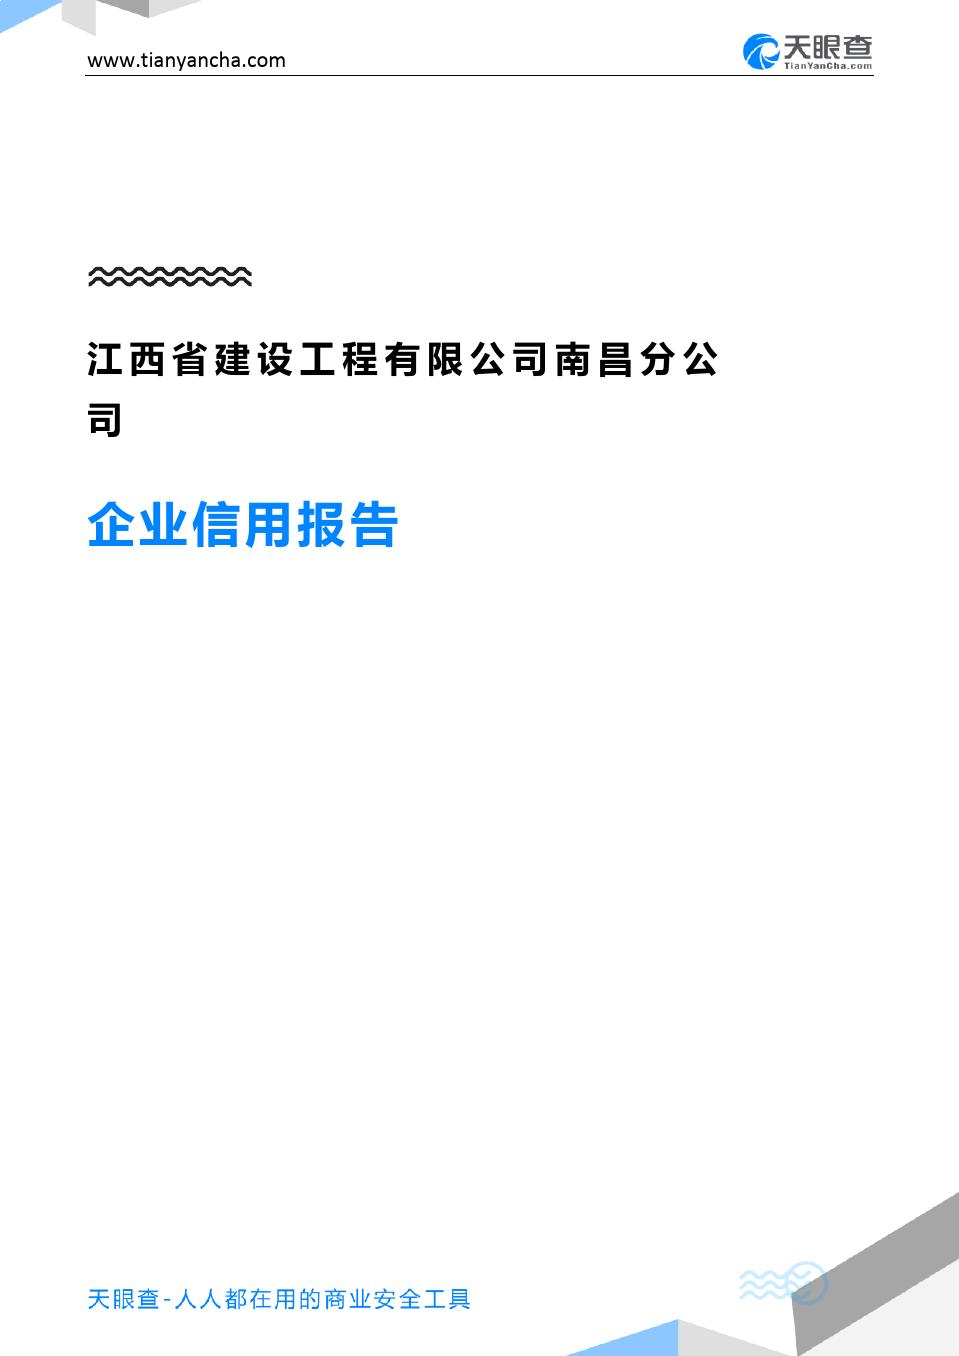 江西省建设工程有限公司南昌分公司企业信用报告-天眼查